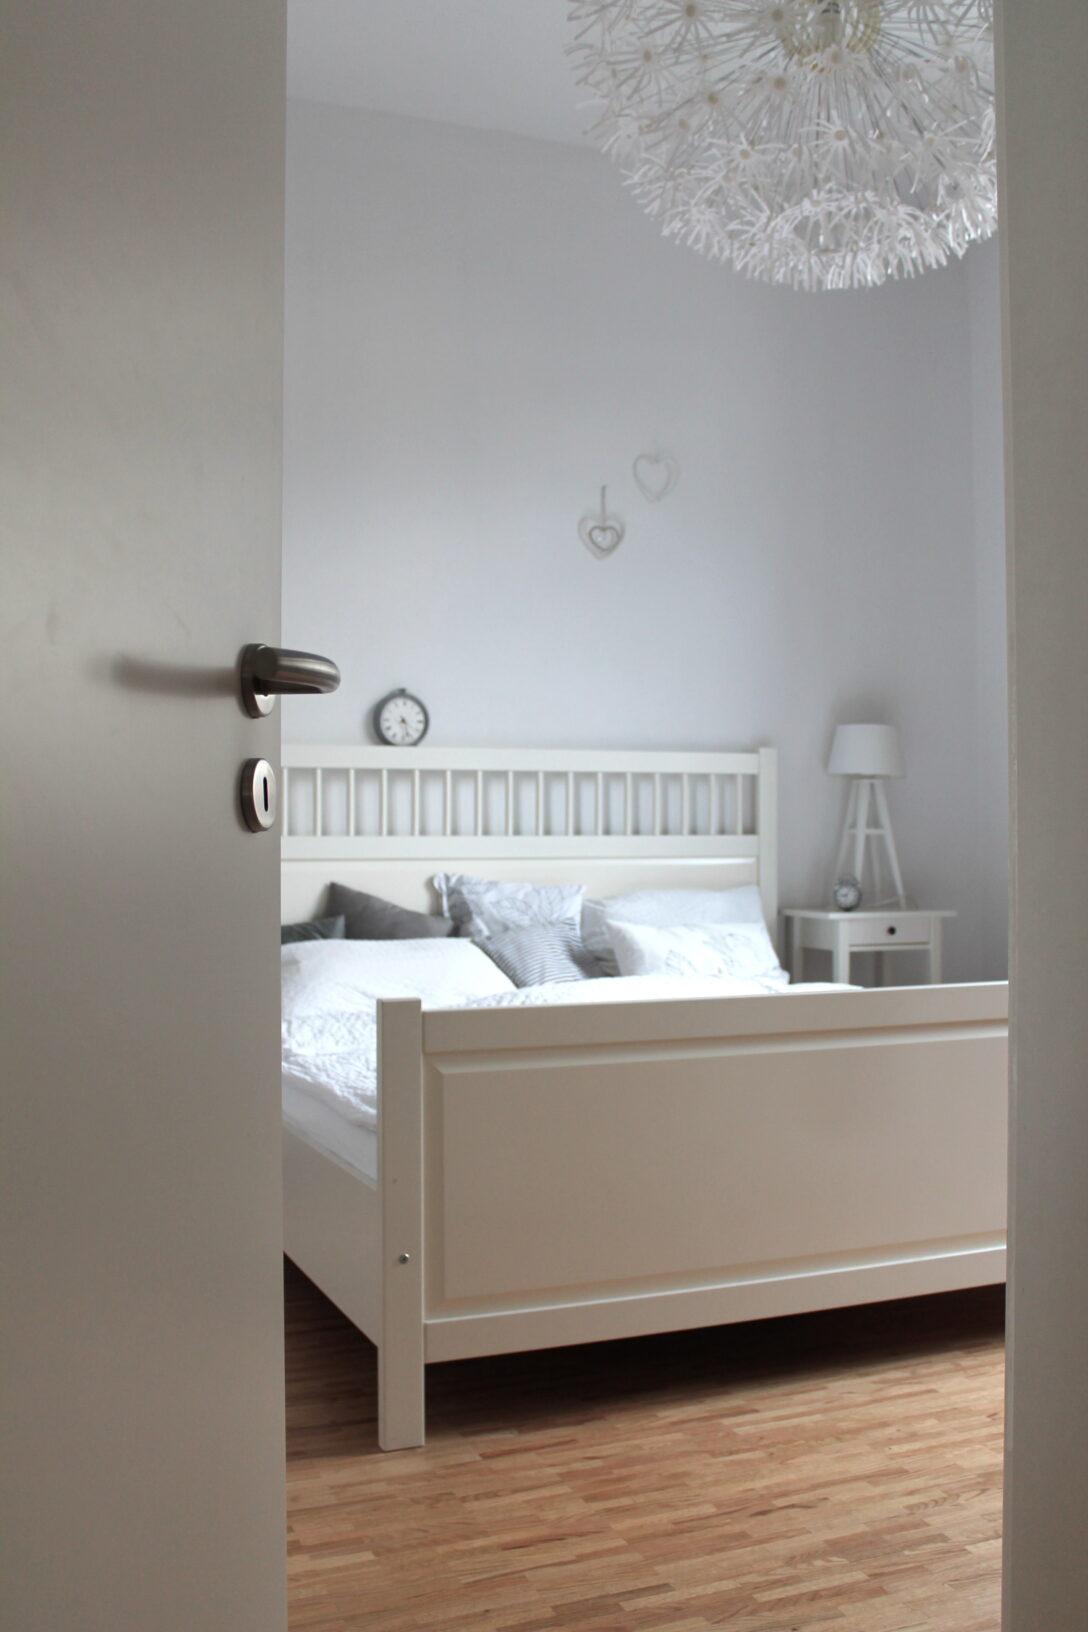 Large Size of Schnsten Ideen Mit Ikea Leuchten Küche Kosten Miniküche Modulküche Betten 160x200 Sofa Schlaffunktion Kaufen Bei Wohnzimmer Hängelampen Ikea